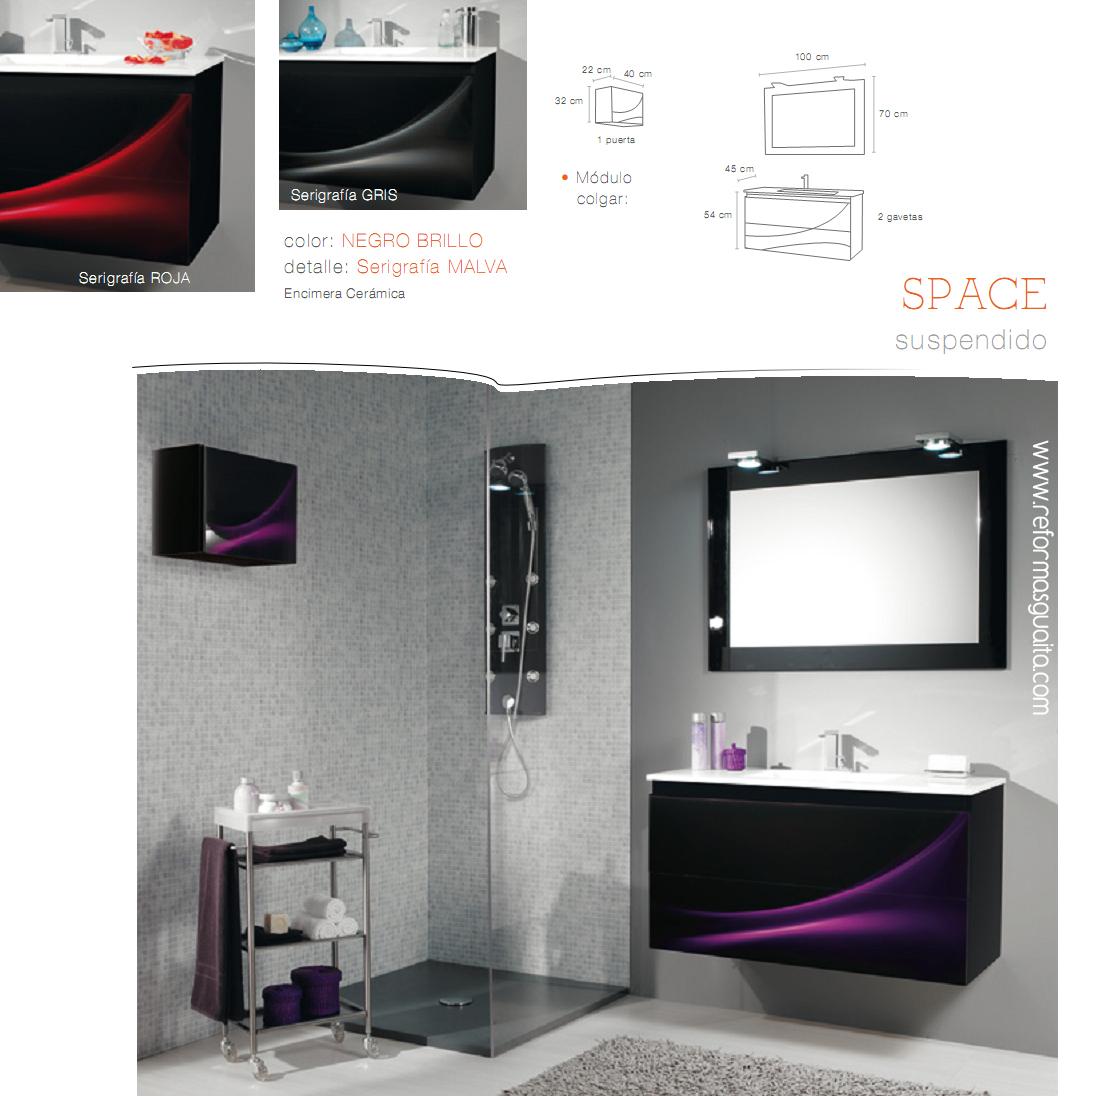 Mueble space cristal negro color y buen gusto reformas - Azulejos bano madrid ...